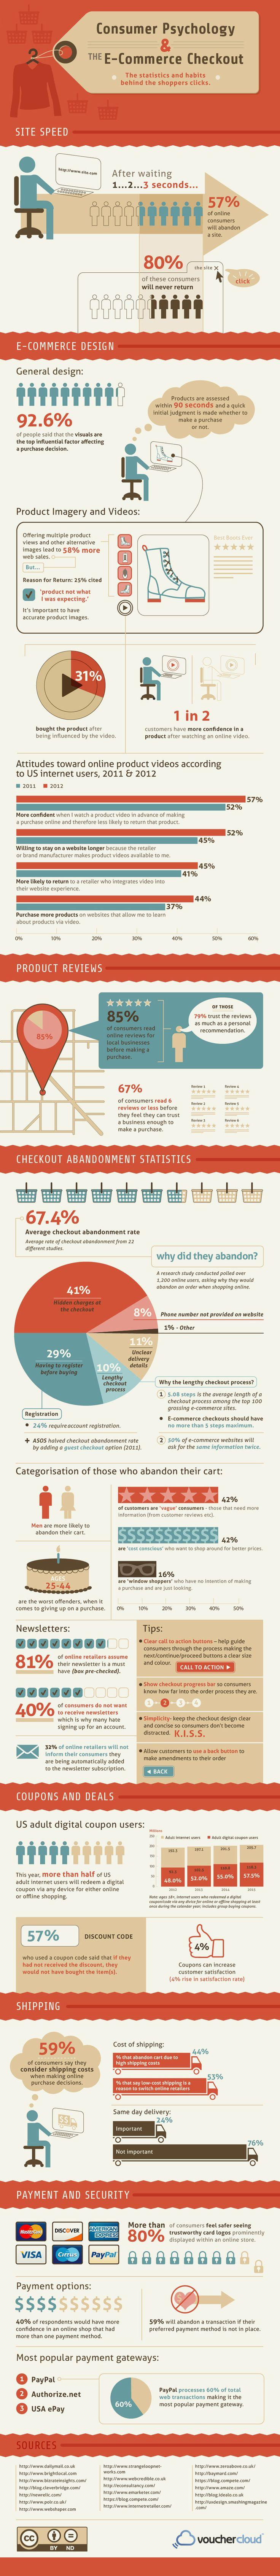 Consumer Psychology & the E-Commerce Checkout / Infographic / vouchercloud